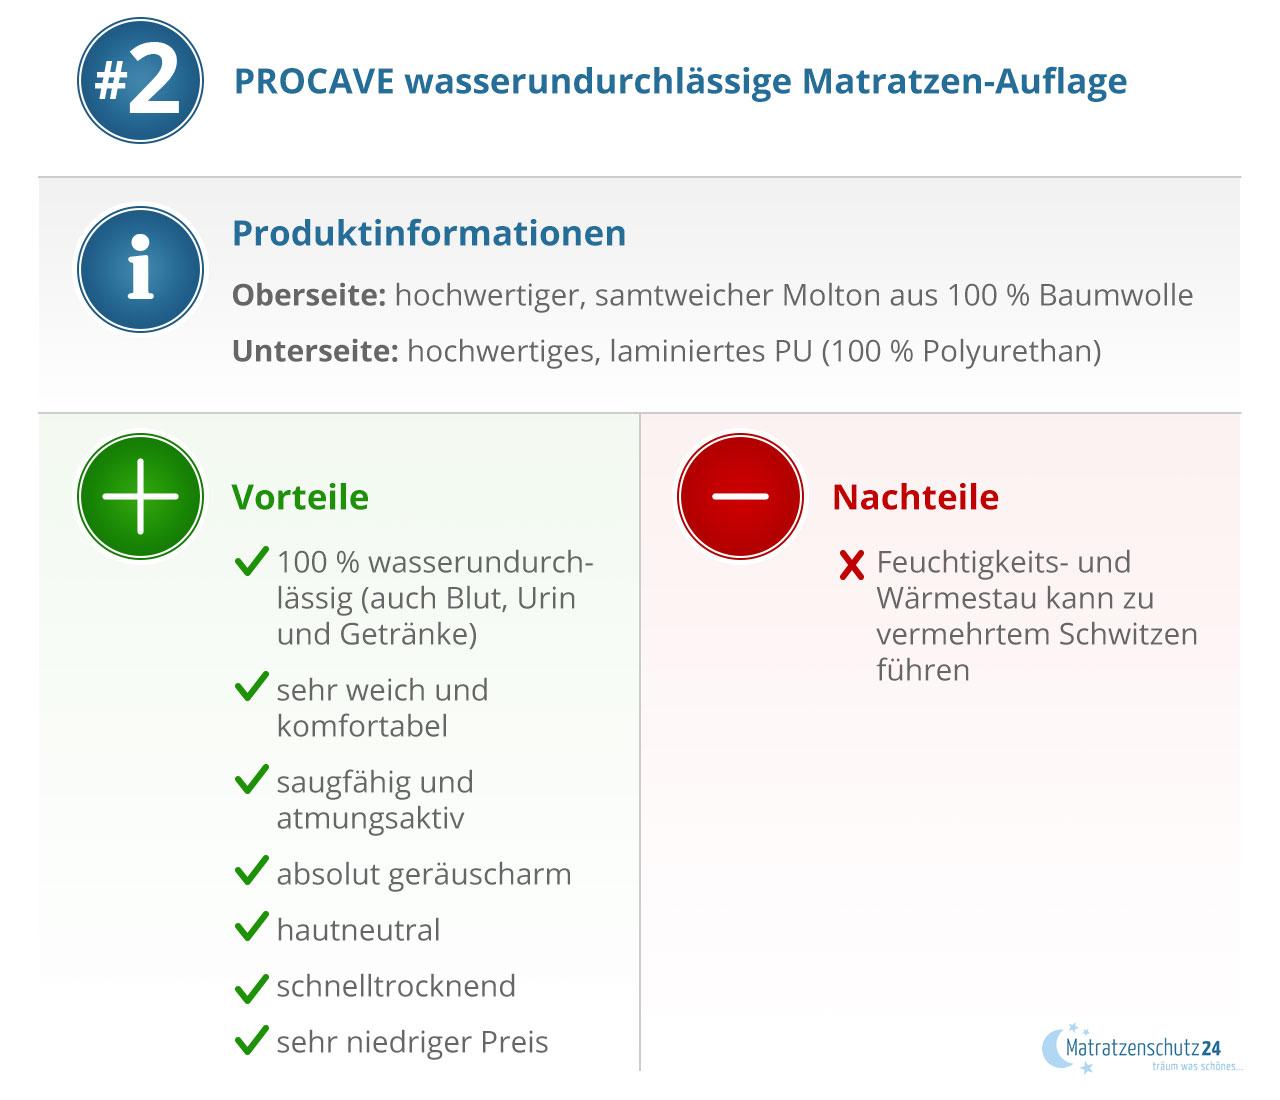 Produktionformation PROCAVE wasserdichter Matratzenschoner